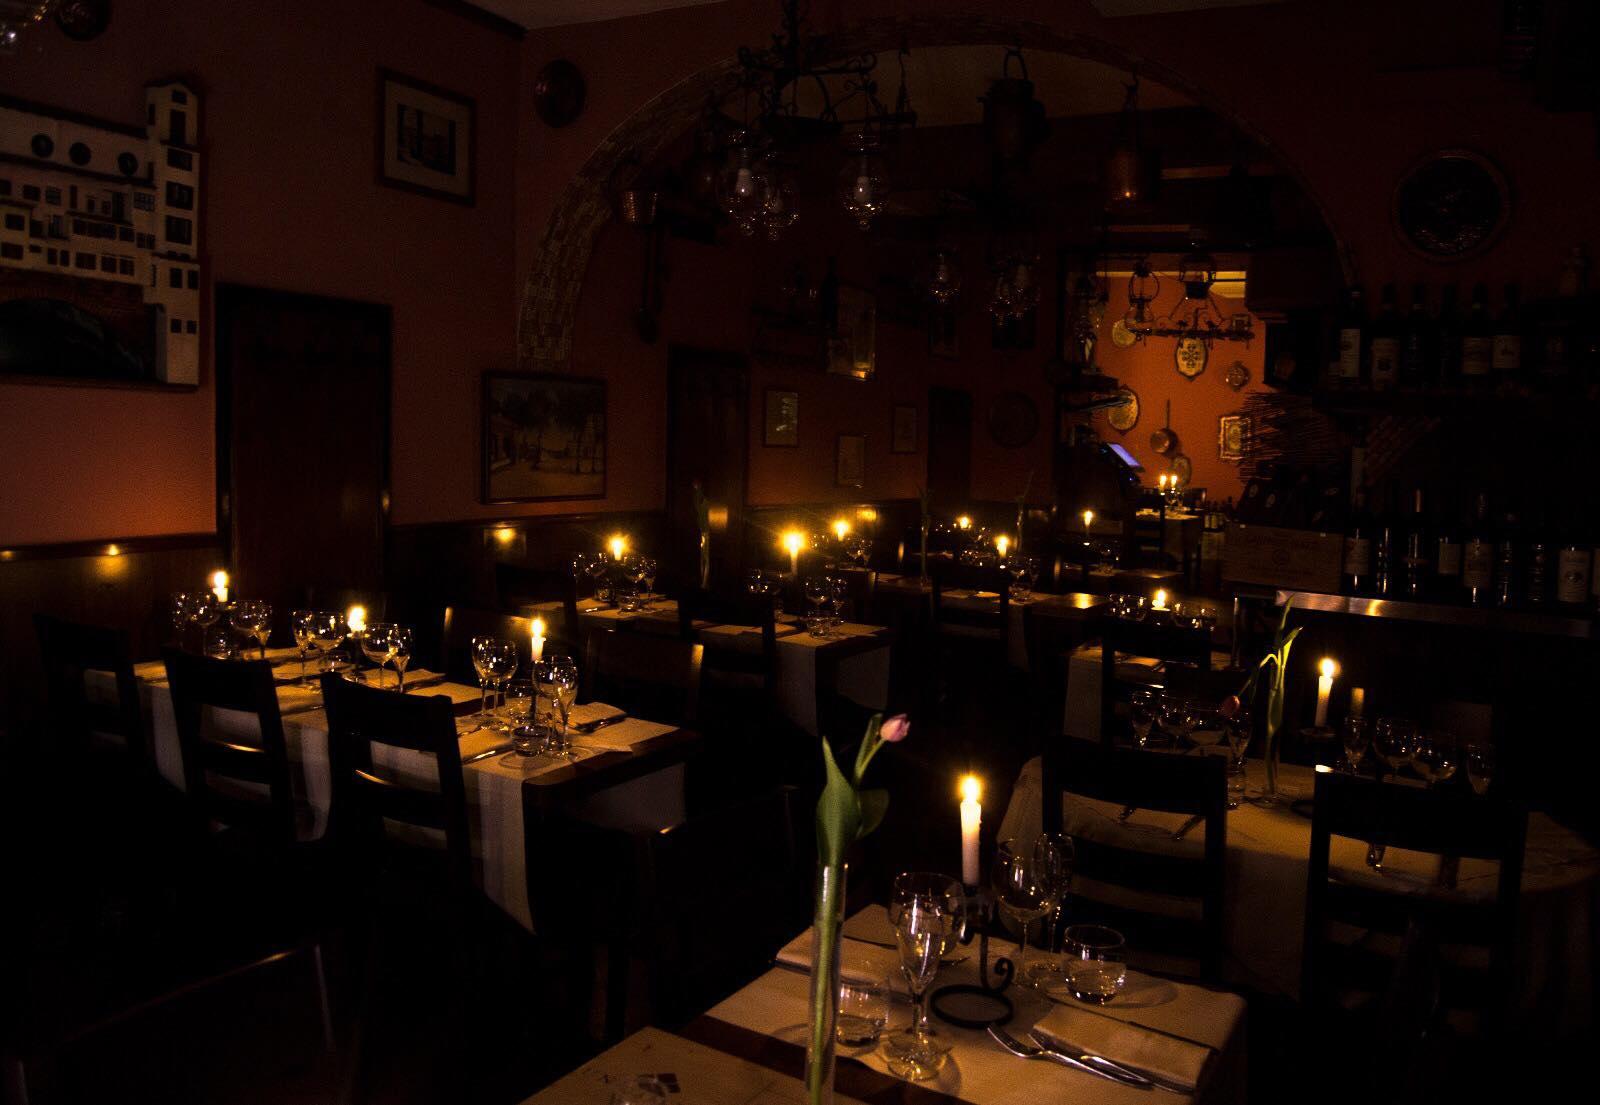 Risultati immagini per Il Paiolo restaurant florence